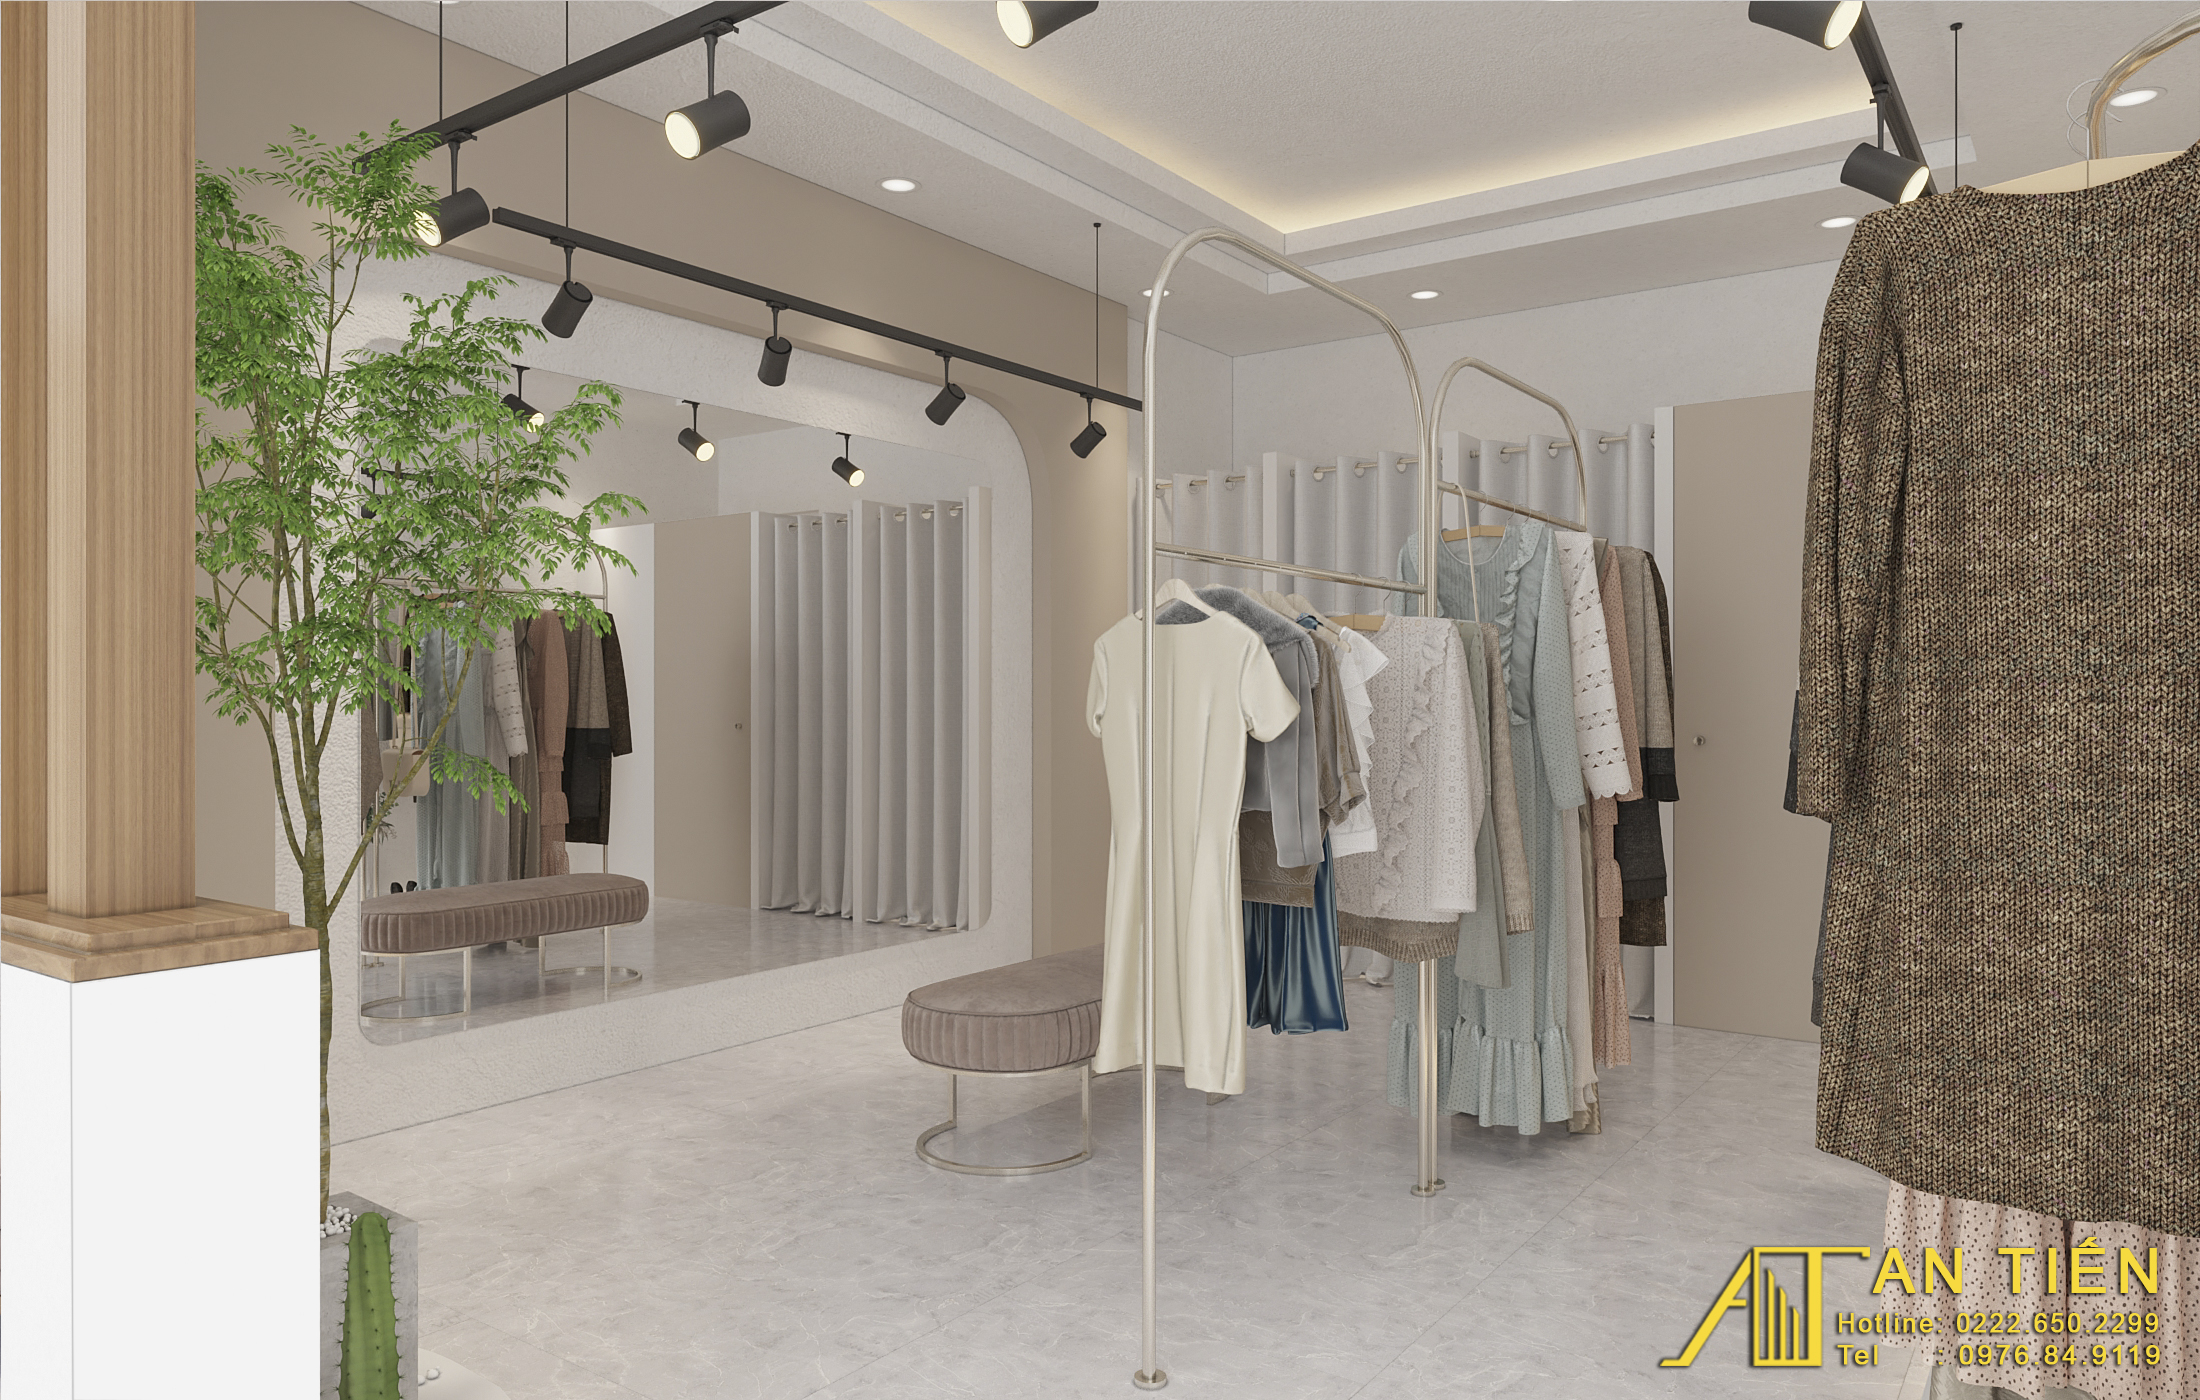 Thiết kế nội thất Shop tại Bắc Ninh Shop quần áo Bắc Ninh 1634097311 7